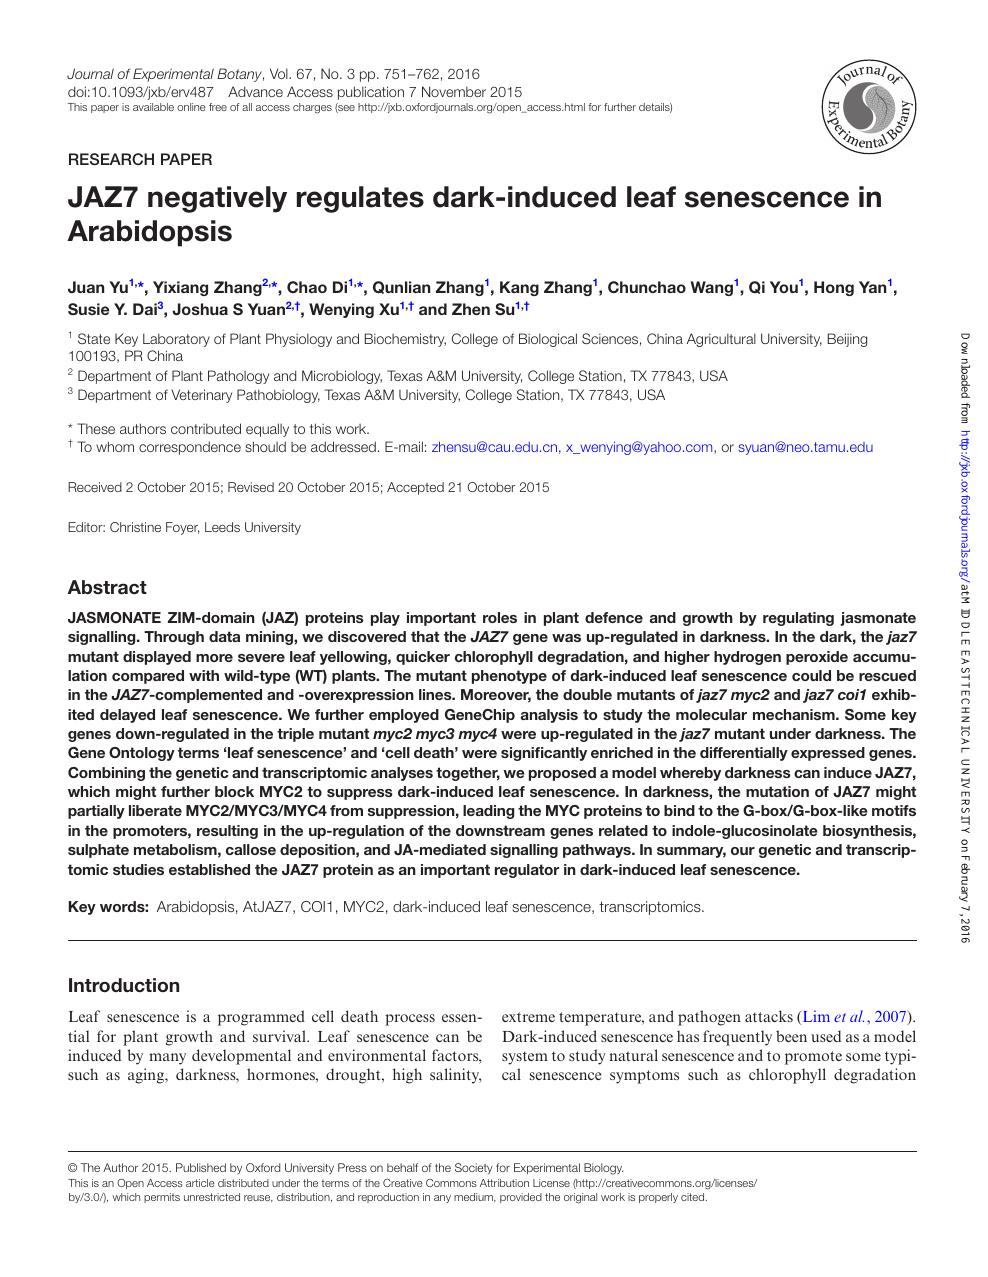 JAZ7 negatively regulates dark-induced leaf senescence in